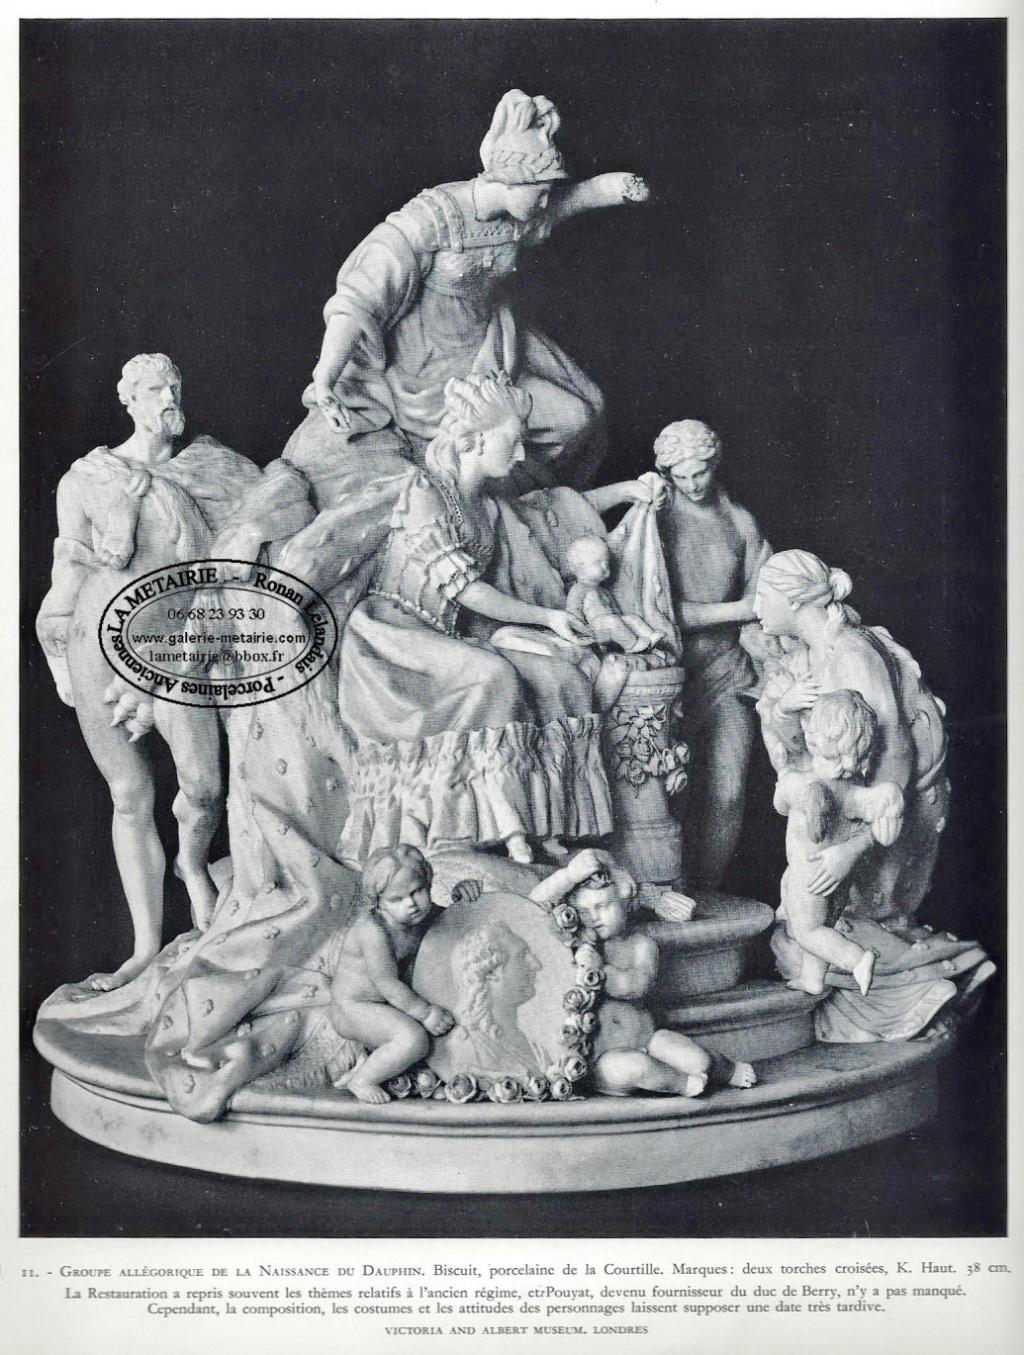 Marie-Antoinette : sujets allégoriques en porcelaine de la Courtine, Manufacture de Locré (Jean-Baptiste) Capt1459